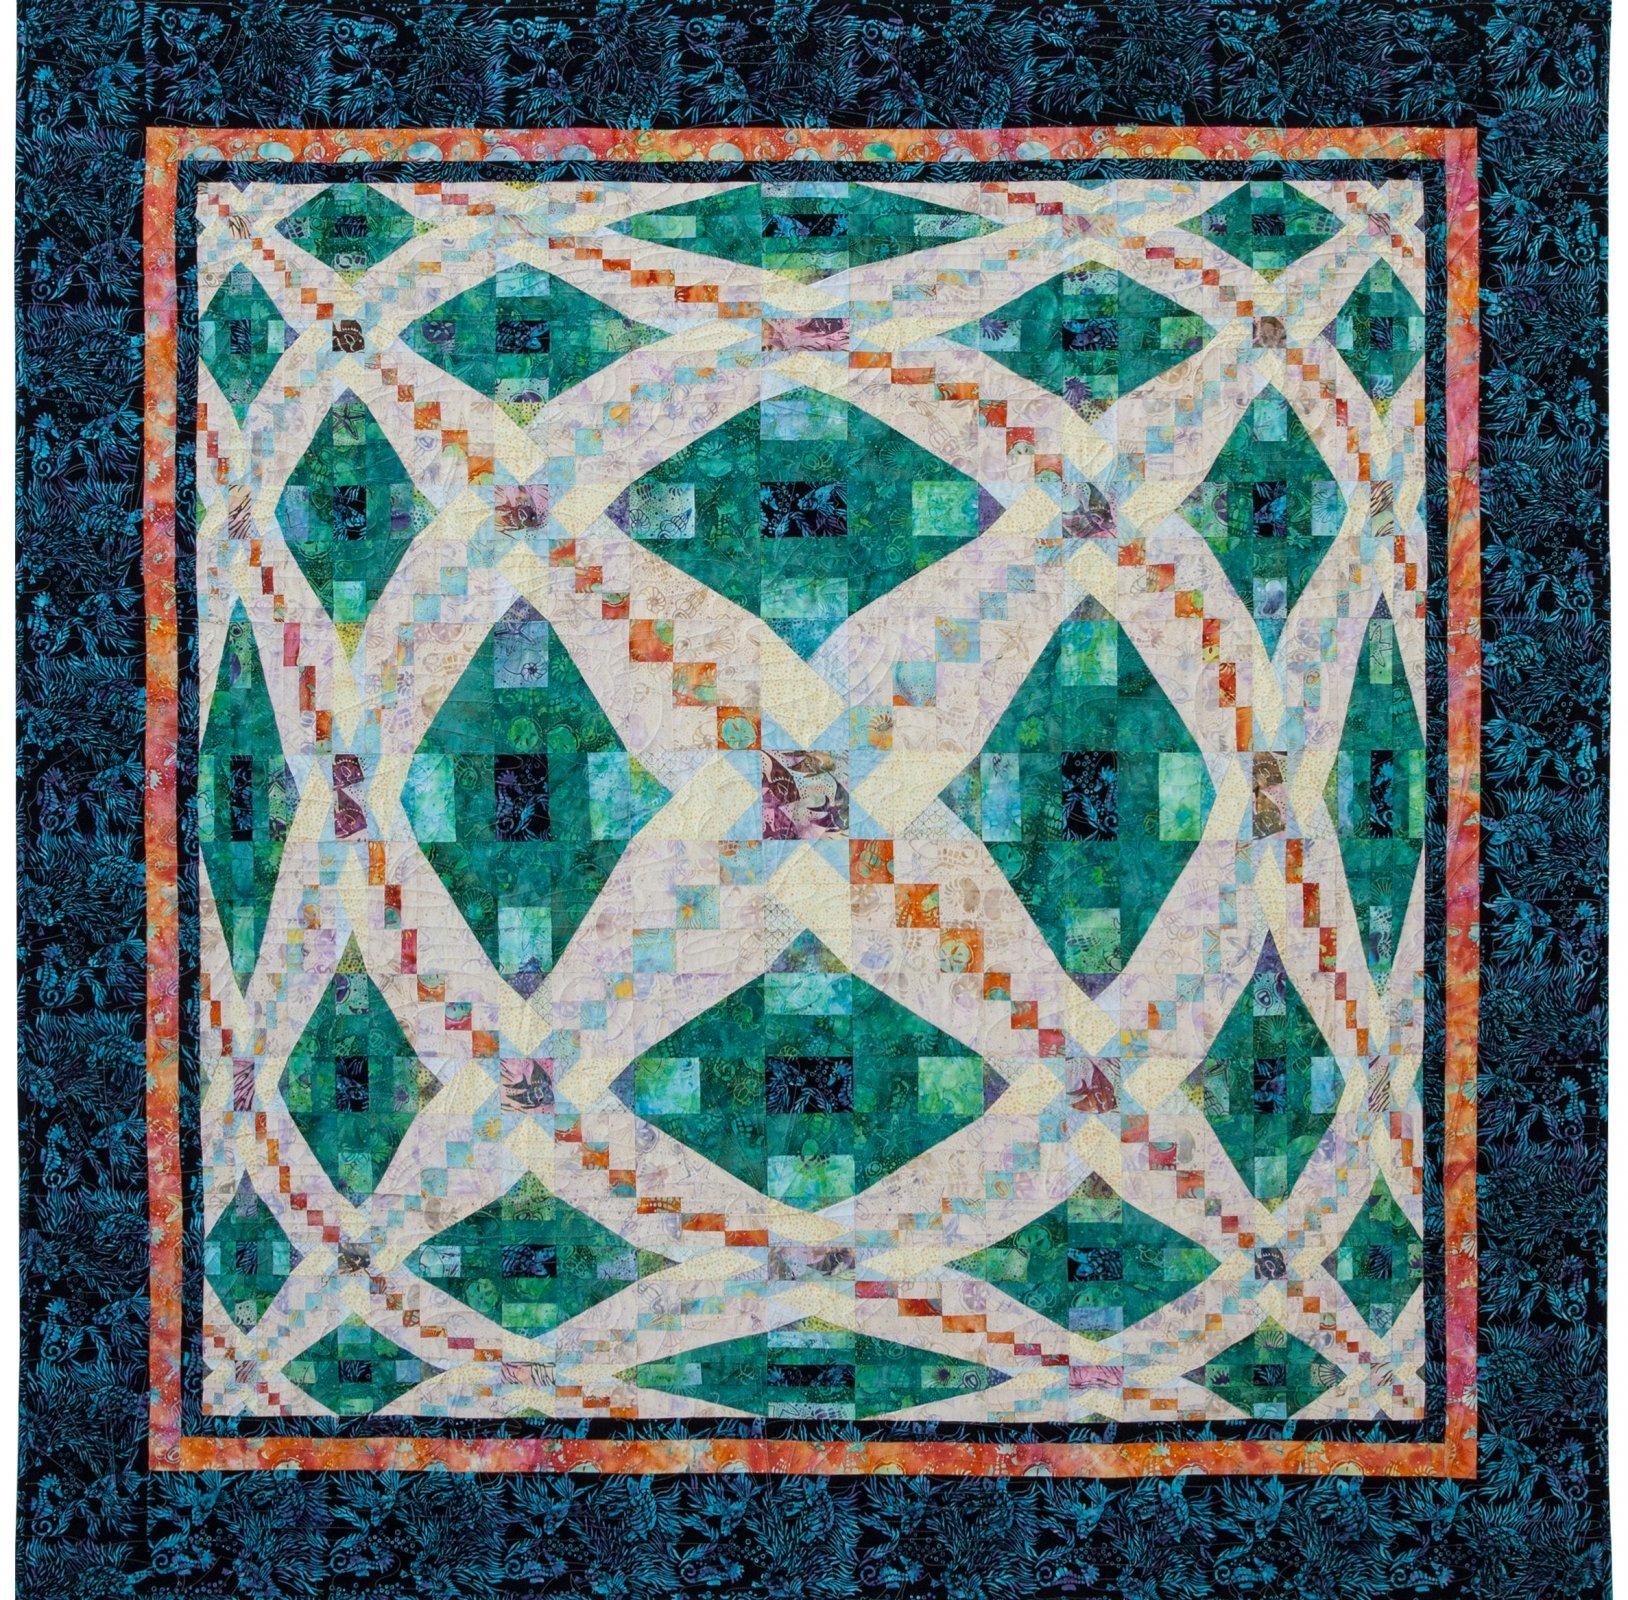 Rondure - Island Batik Seashore Fabrics - Spring 2016